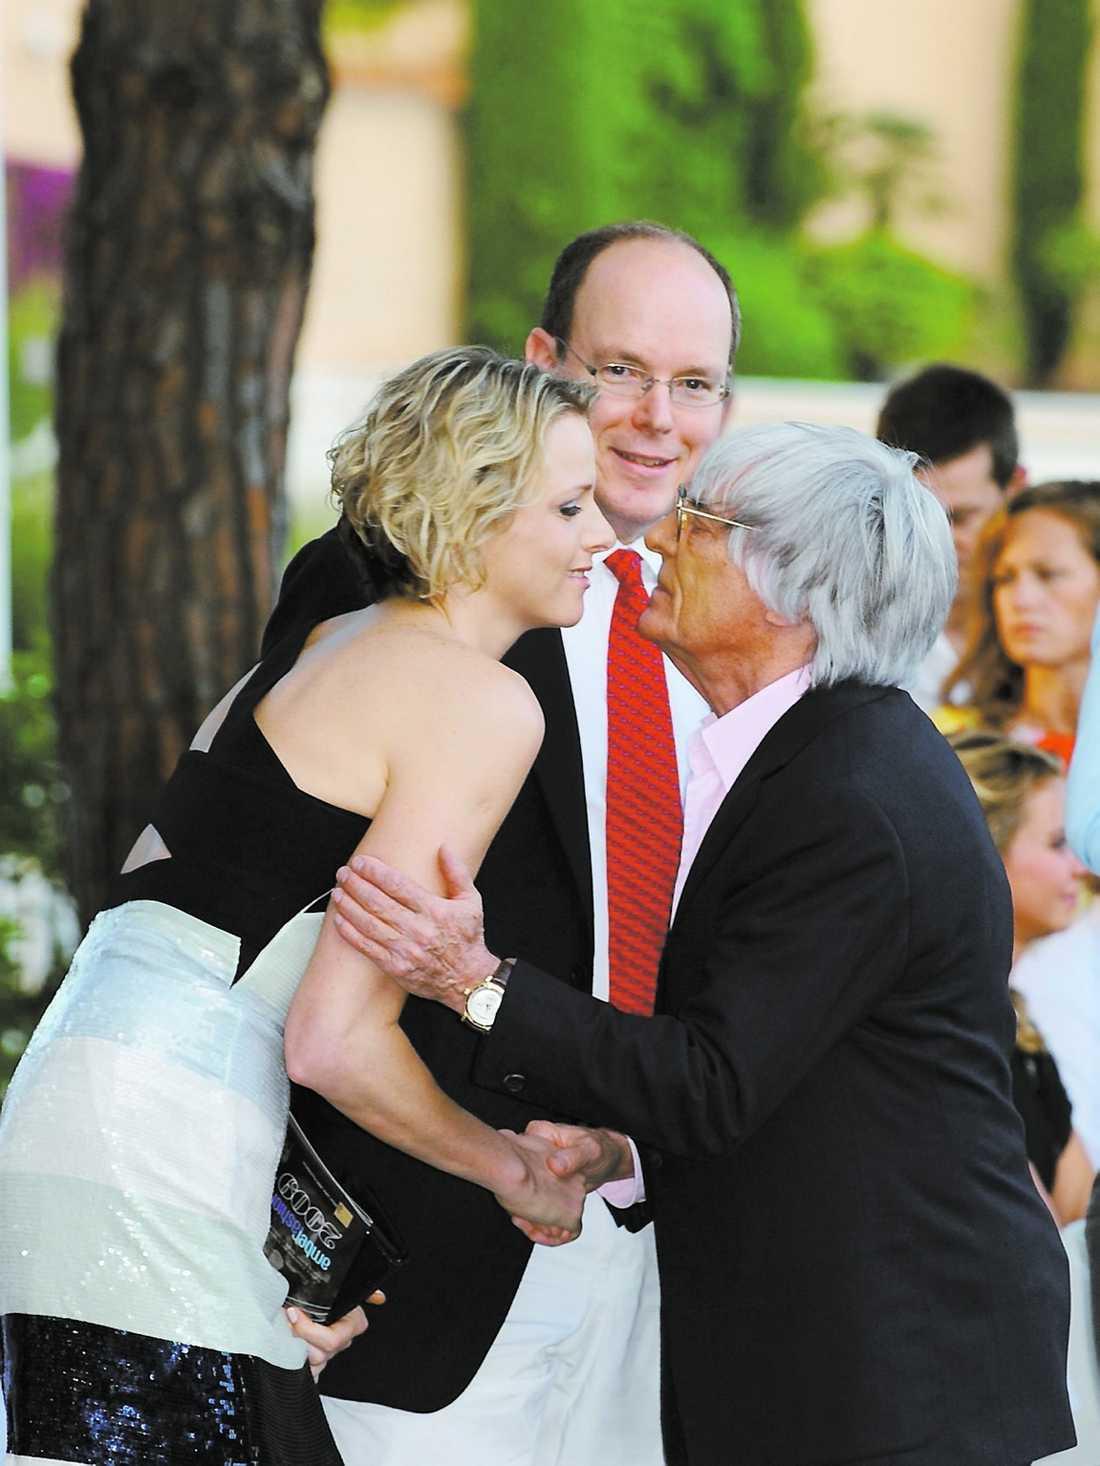 Prince Albert II av Monaco och flickvännen Charlene Wittstock hälsar på Bernie Ecclestone under luxuösa Amber Fashion Show.